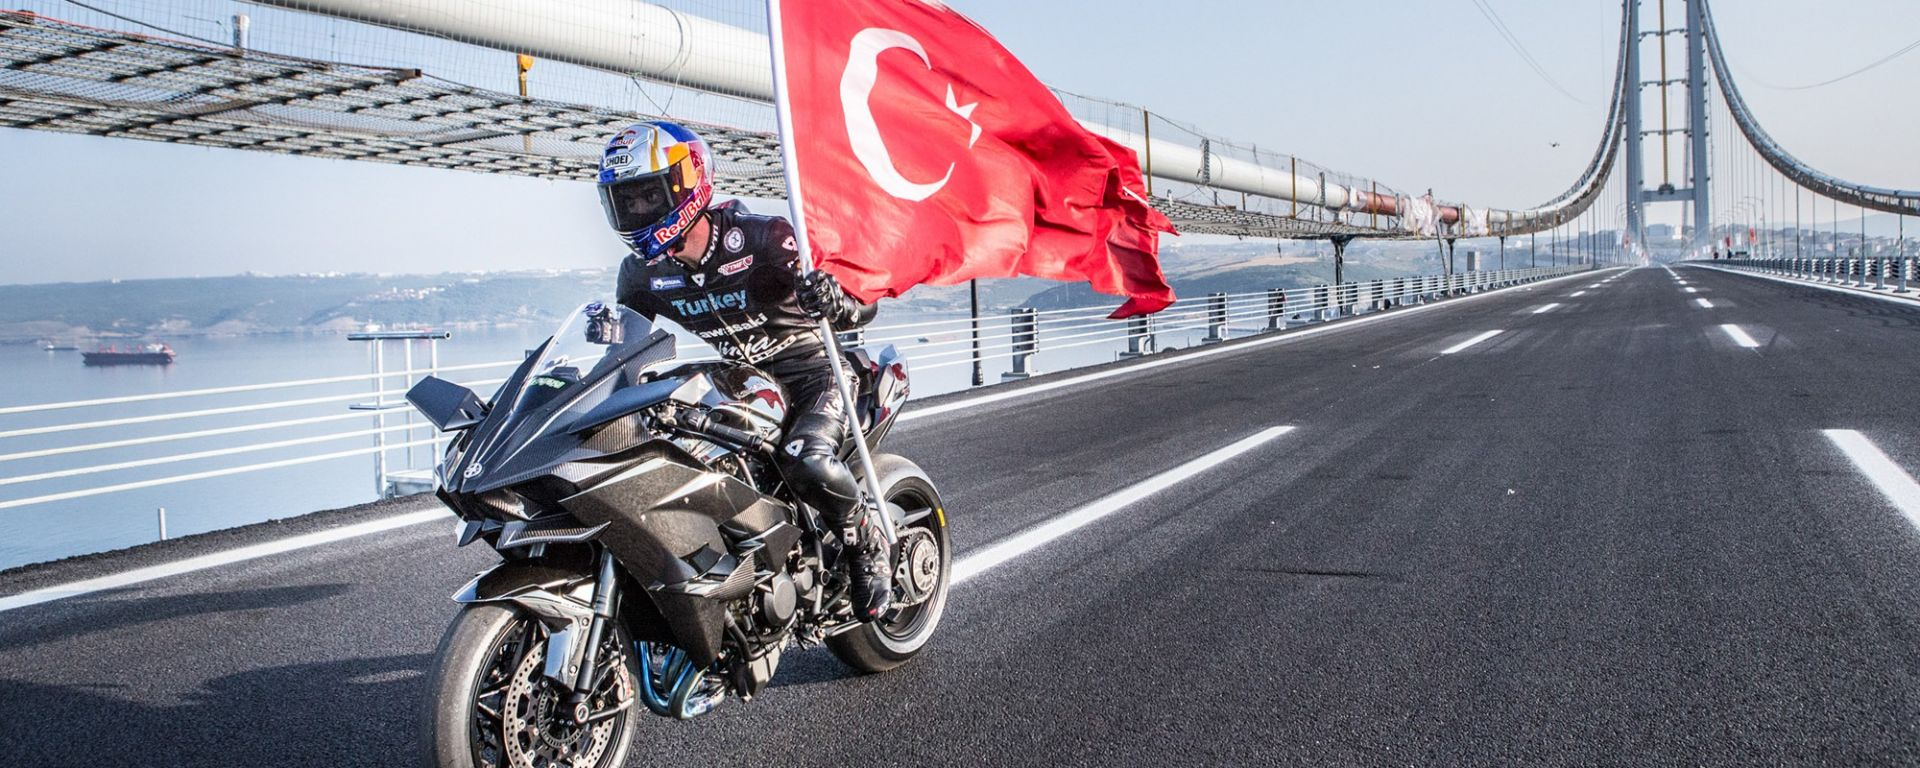 Kenan Sofuoglu e la Kawasaki Ninja H2R a 400 km/h: è record